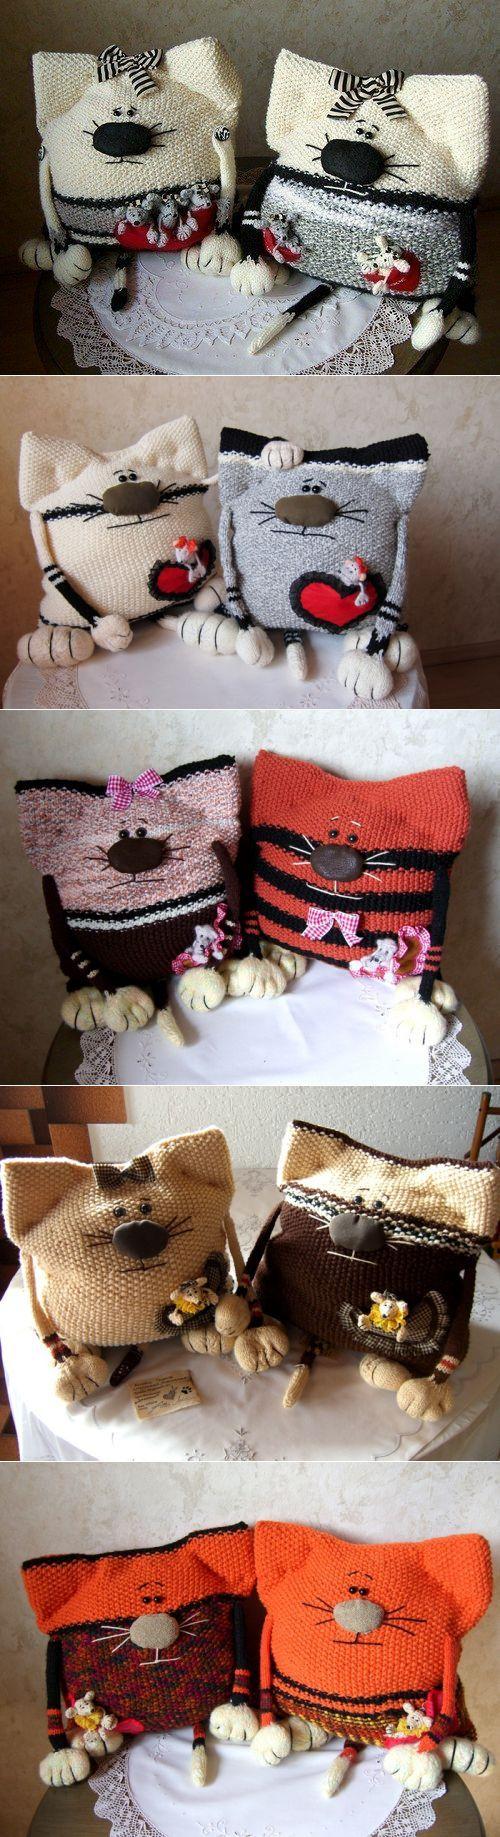 Кото-подушки